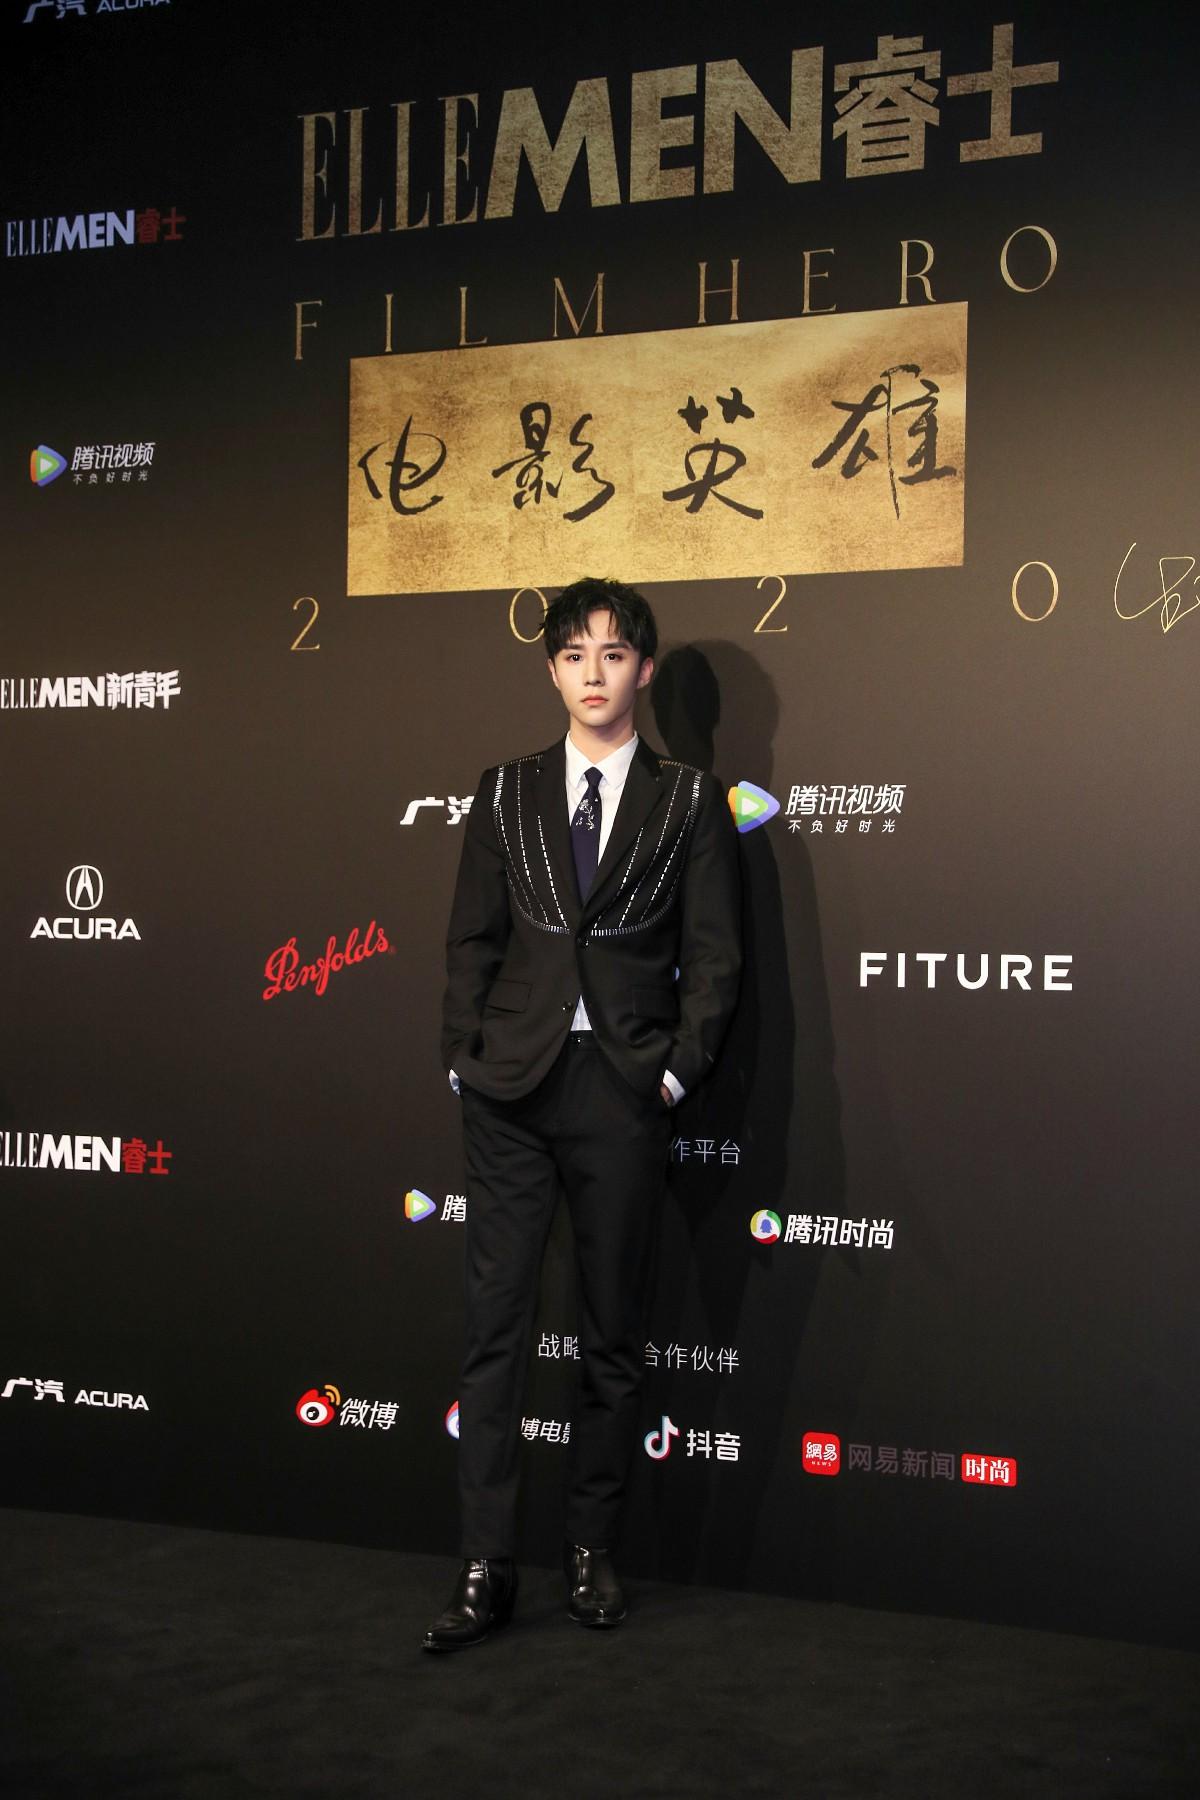 权沛伦亮相ELLEMEN电影英雄盛典 黑色西装穿出简约时尚范